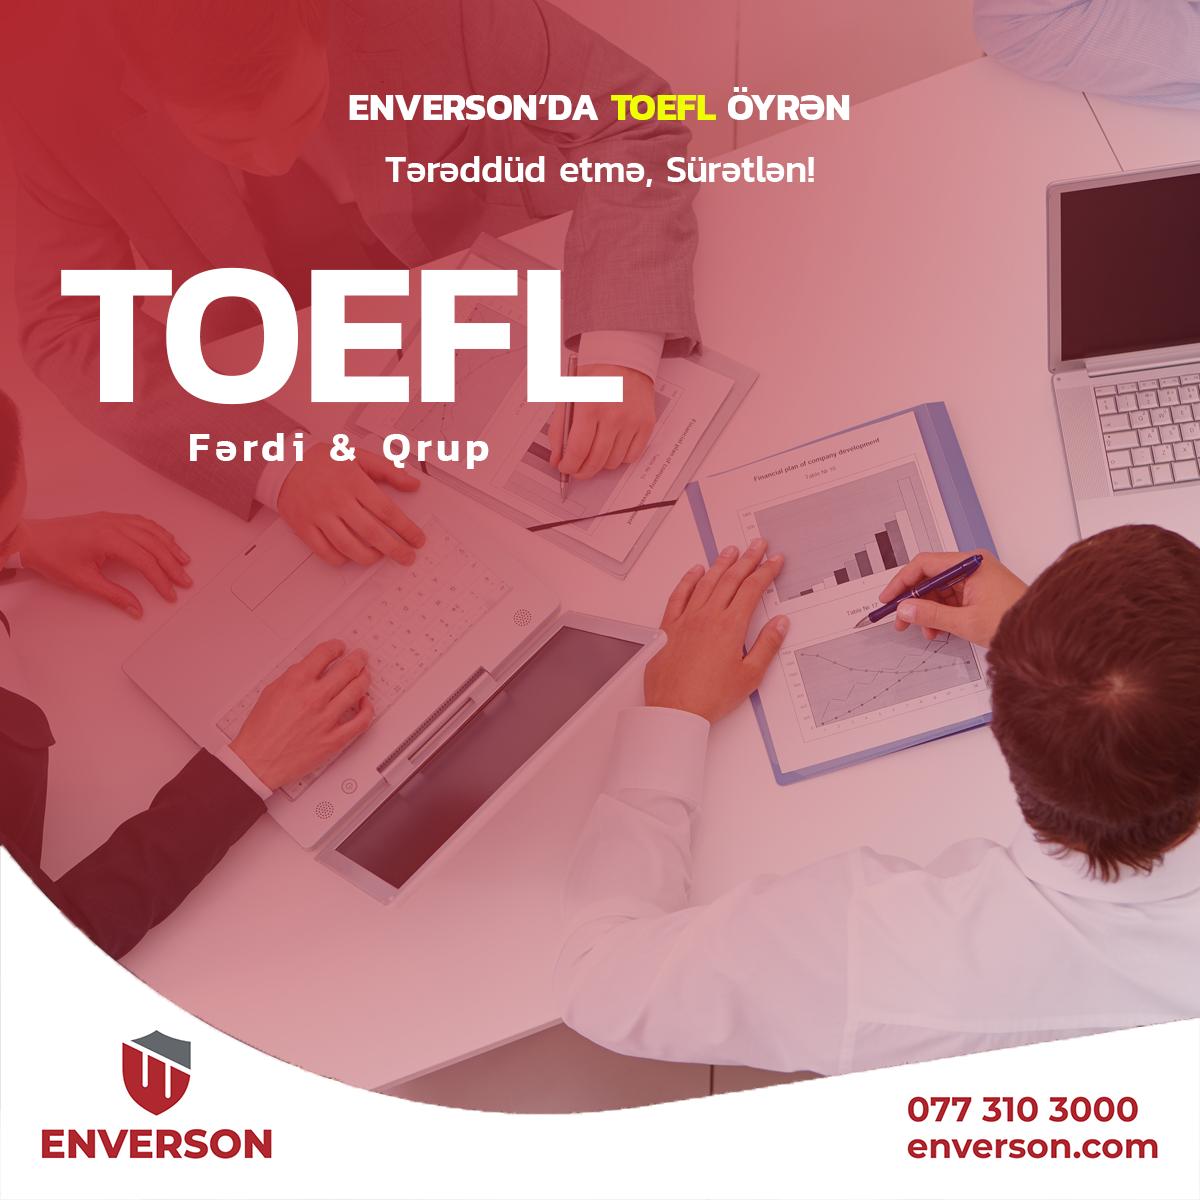 TOEFL kursları